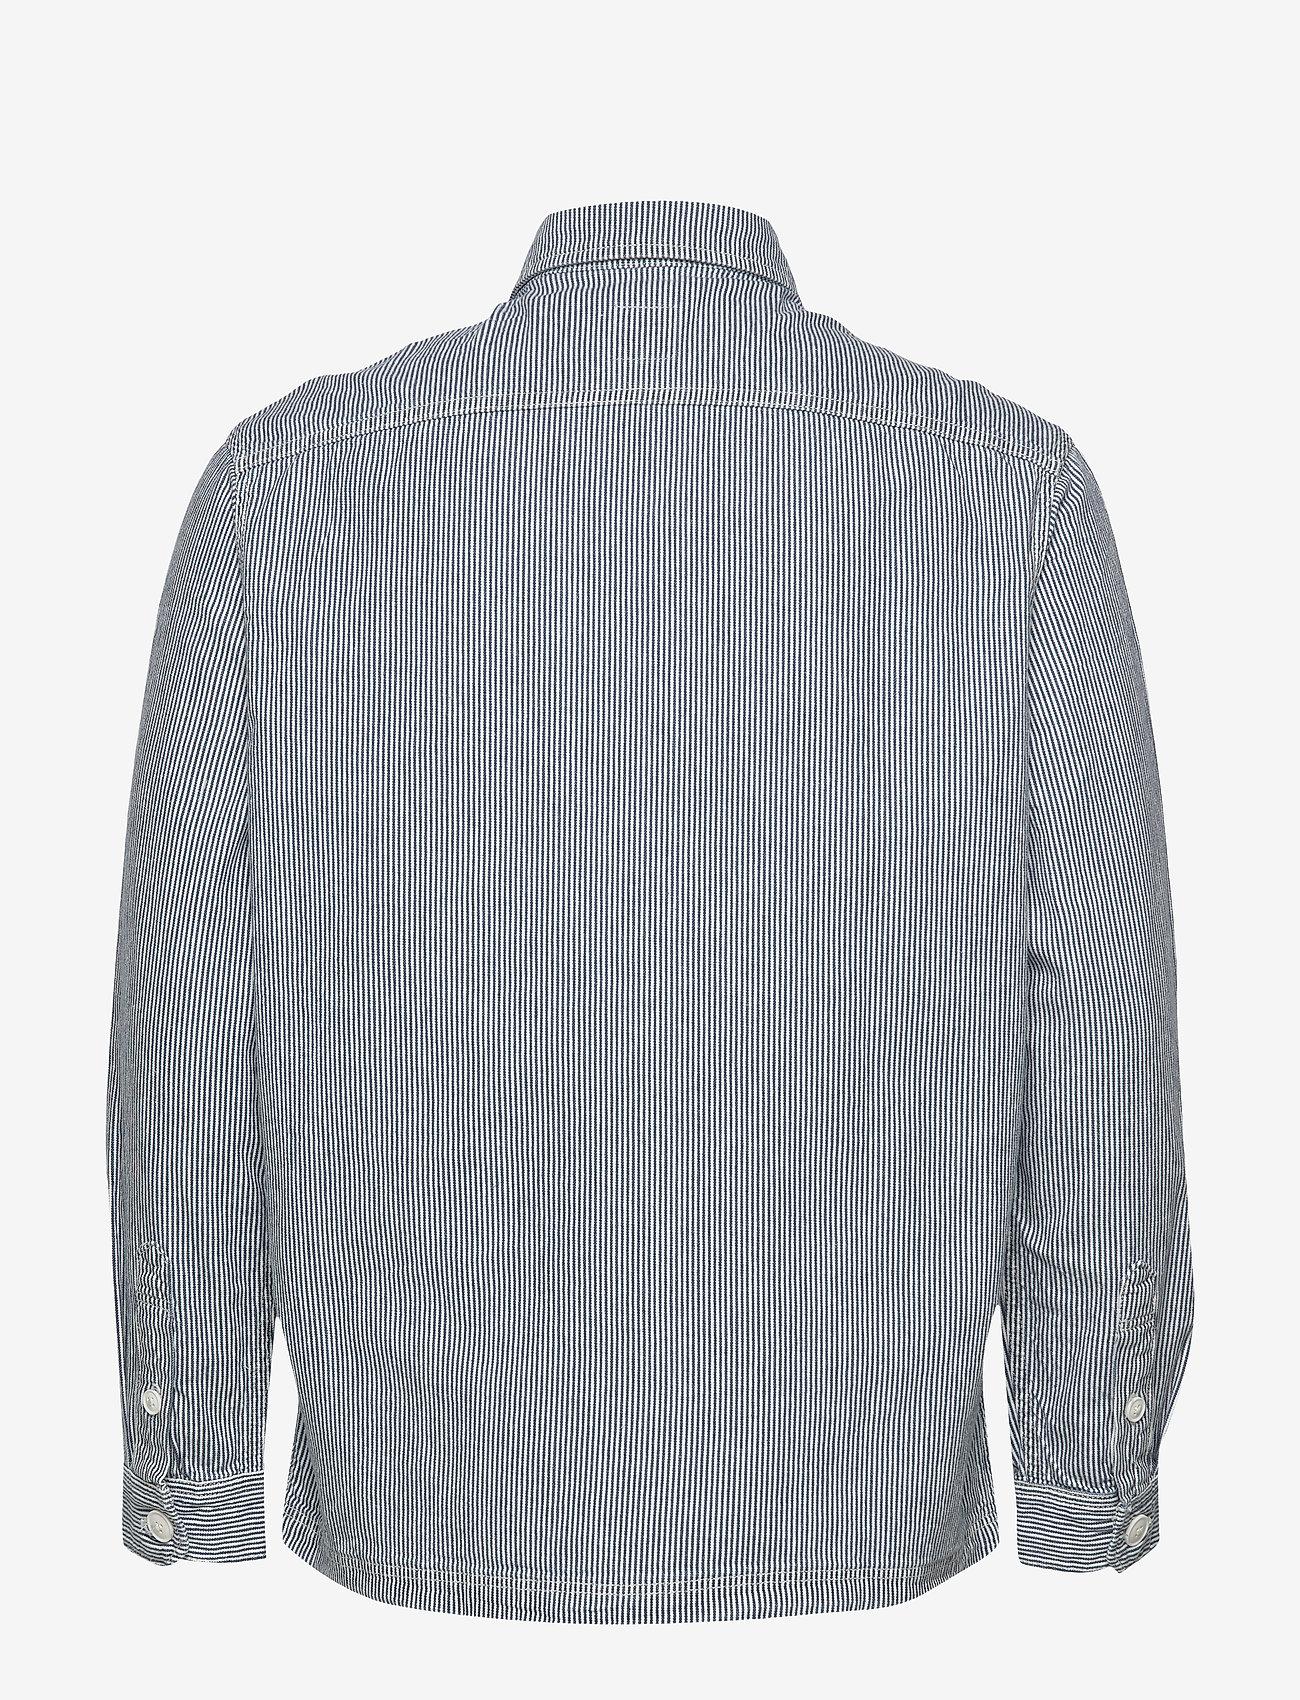 Lee Jeans WORKWEAR OVERSHIRT- Vestes et manteaux 7v7ofz9s I0dg2 MoWWiE8X